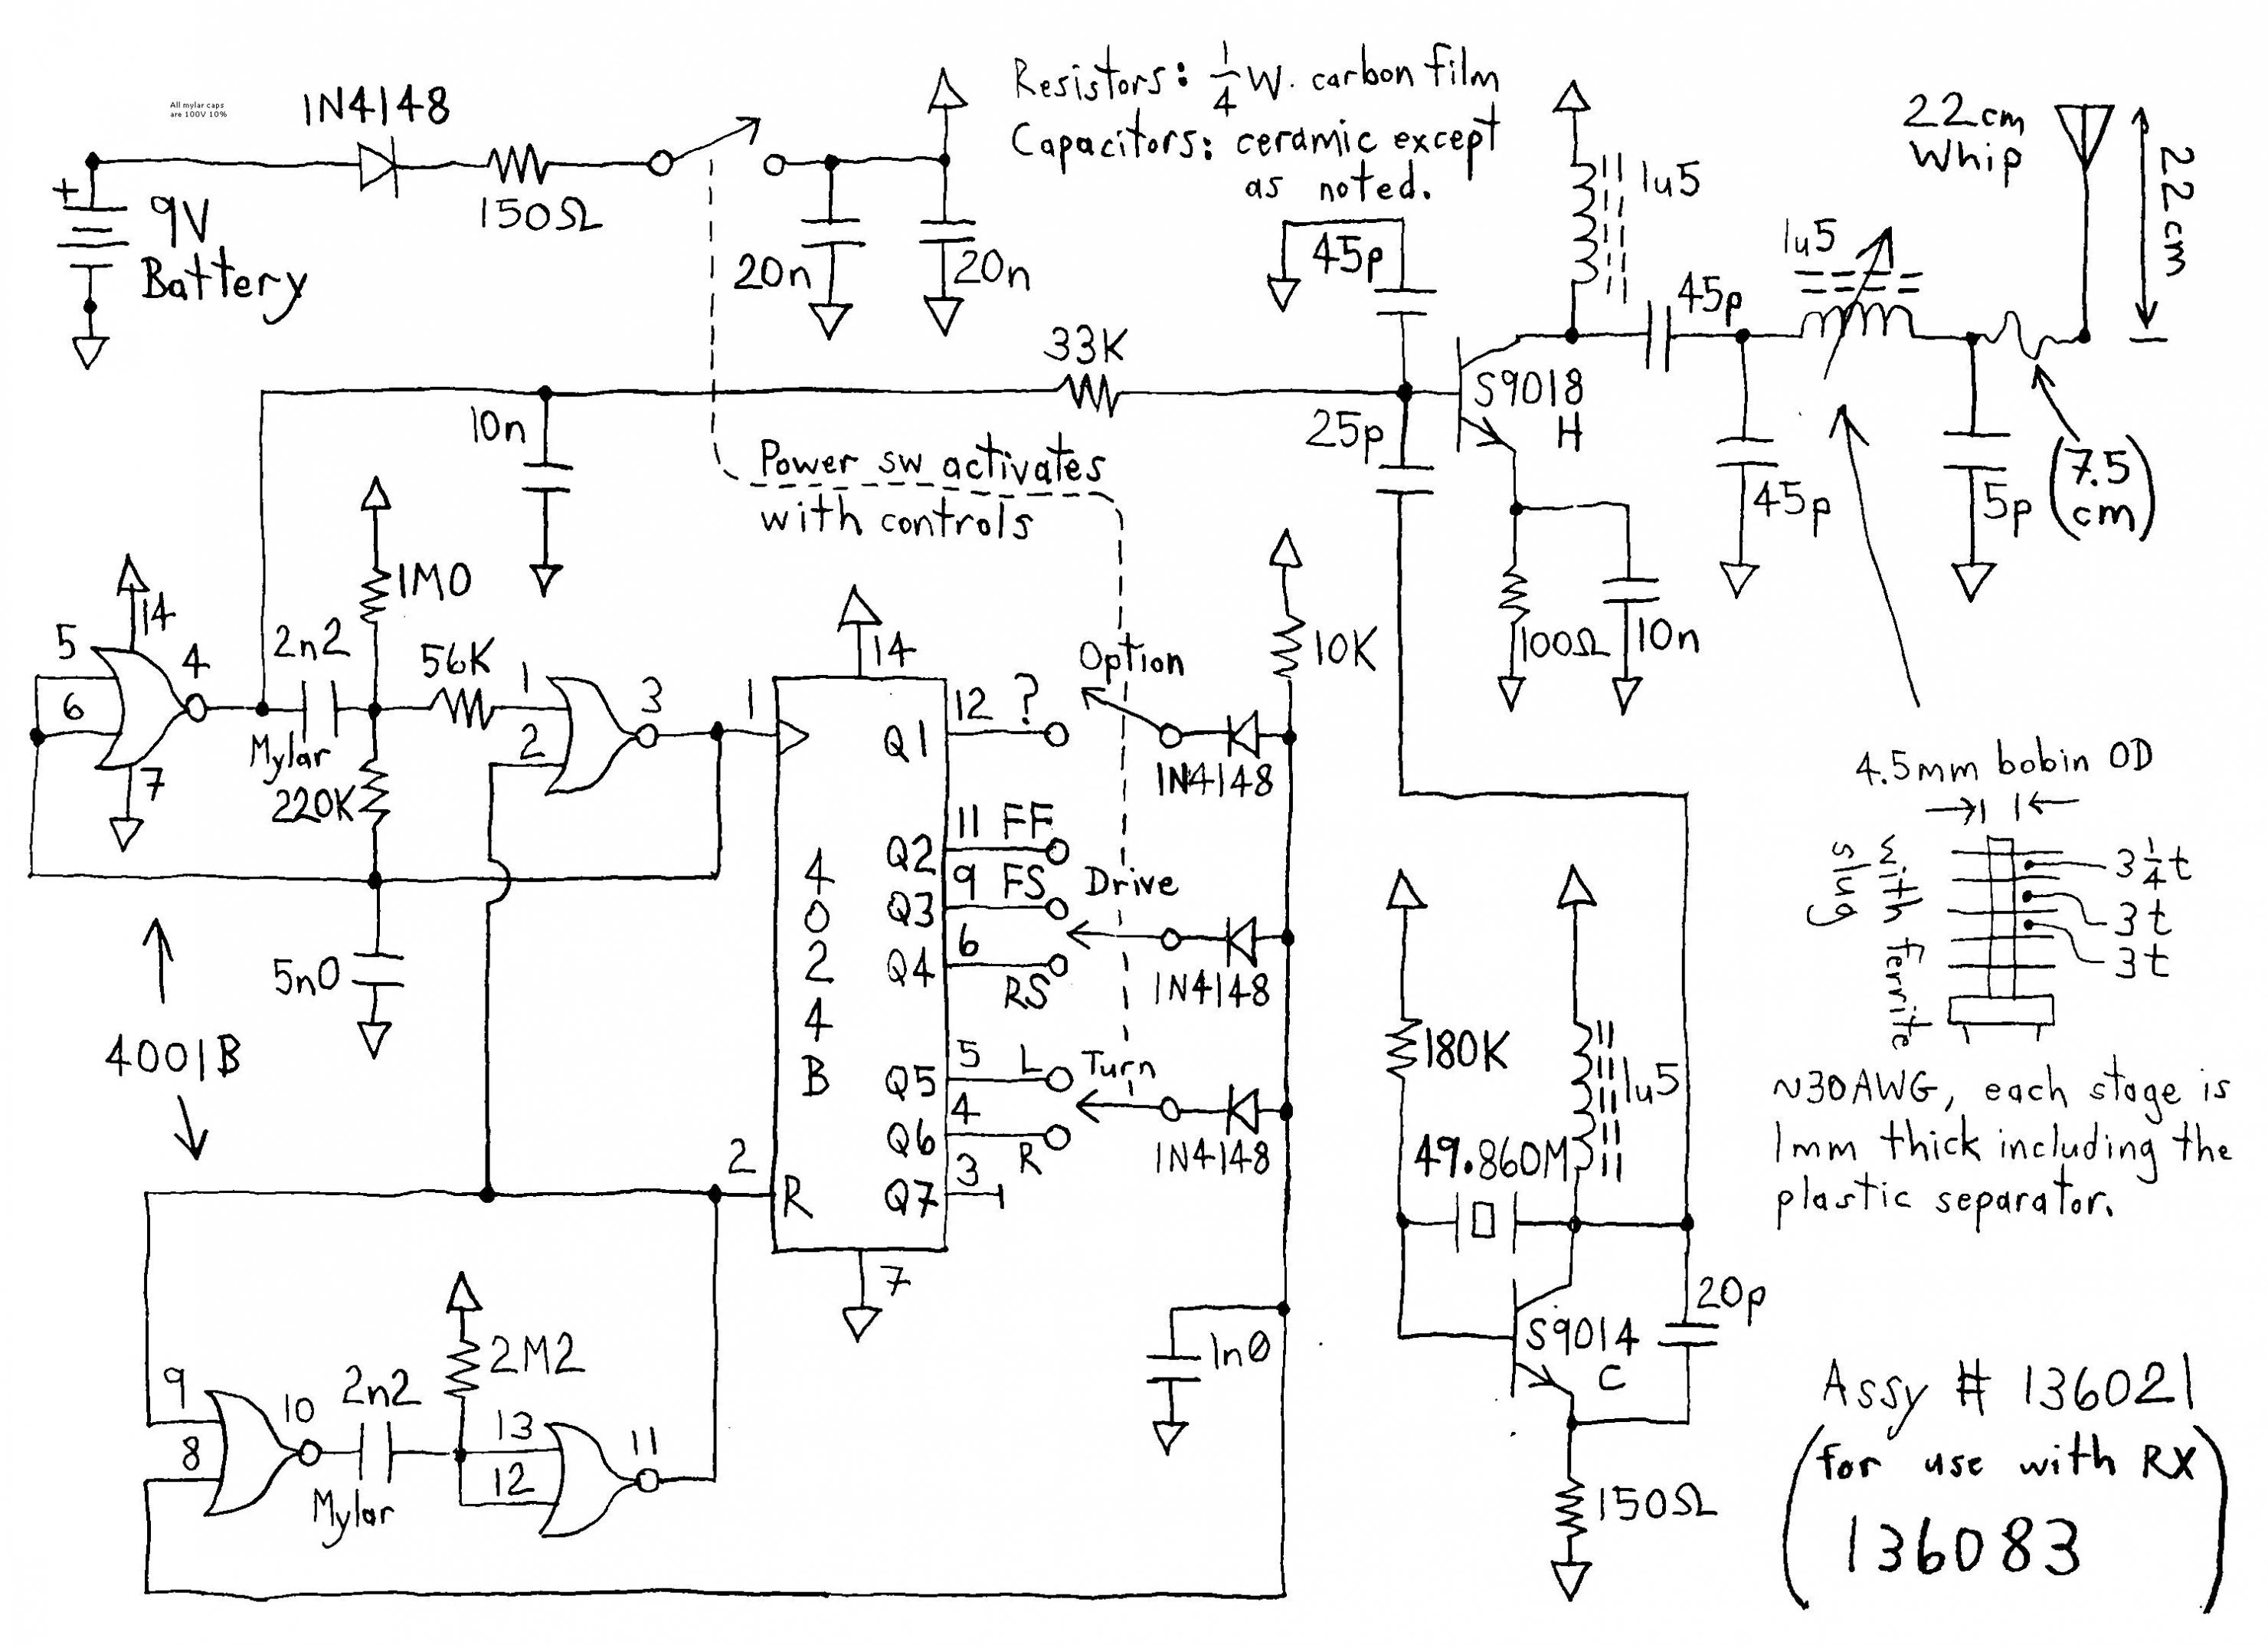 4 Prong Generator Plug Wiring Diagram – Wiring Diagram Switch To - 4 Prong Generator Plug Wiring Diagram